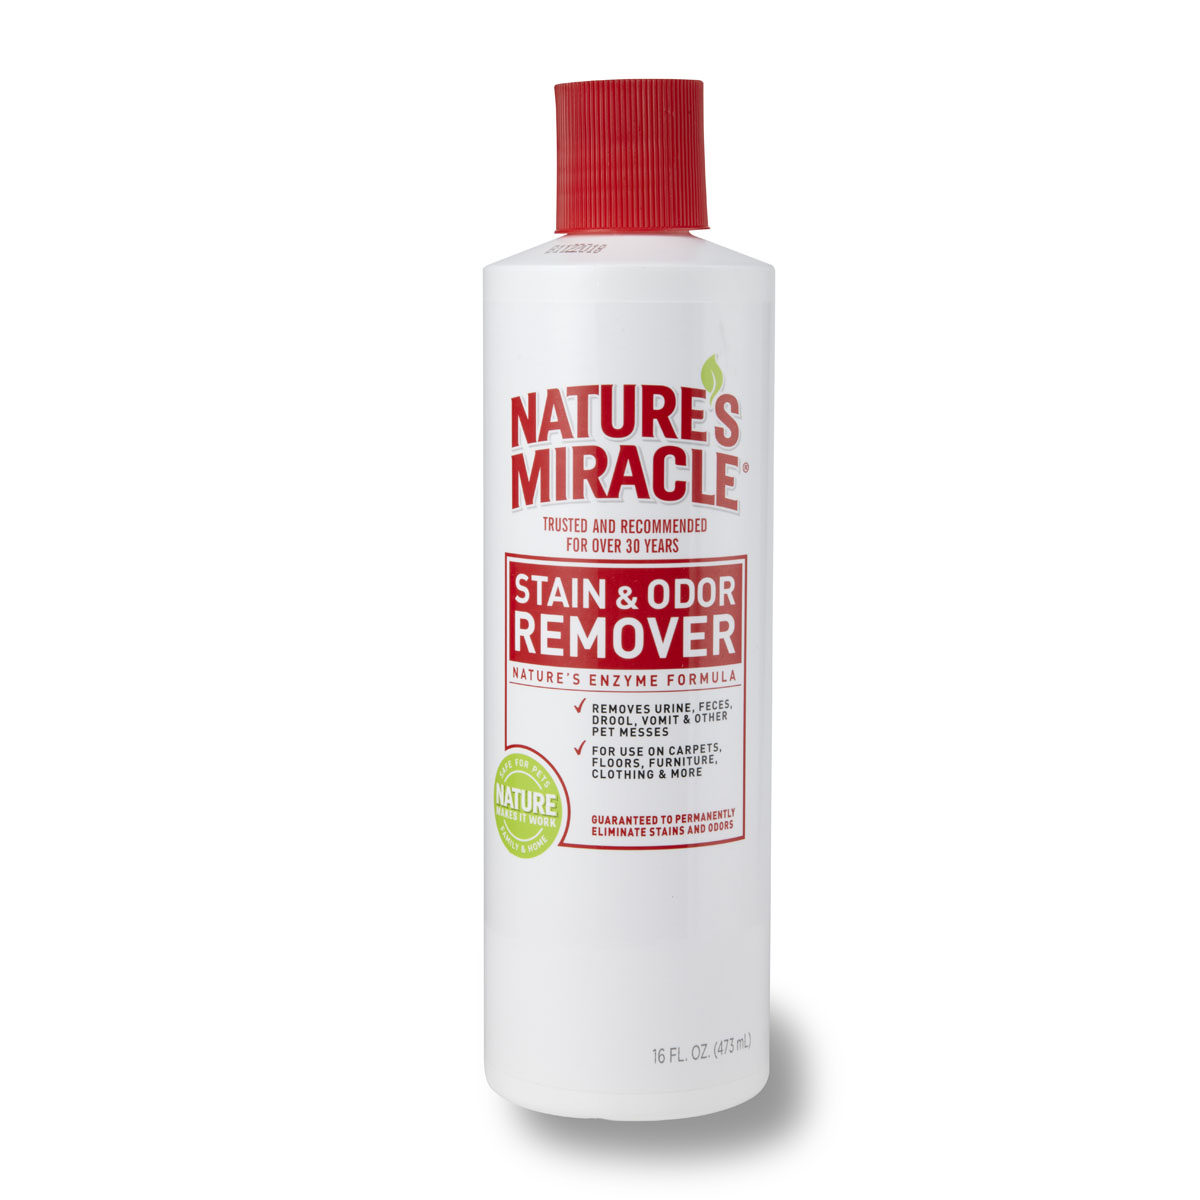 Уничтожитель пятен и запахов универсальный 8 in1 NM S&O Remover, 473 мл50512268in1 уничтожитель пятен и запахов NM S&O Remover универсальный 473 мл Универсальный уничтожитель пятен и запахов NATURE'S MIRACLE® — идеальное решение для любых загрязнений, оставленных животными. Пятна и запахи от травы, грязи, рвоты, мочи, фекалий и крови – не проблема для био-энзимной формулы Nature's Miracle. Универсальный уничтожитель пятен и запахов эффективно устраняет все органические пятна и запахи, оставляя легкий аромат чистоты. Средство можно использовать на коврах, твердых поверхностях, тканях, на переносках и спальных местах животного, оно идеально для пятен и запахов, оставленных собаками и другими животными.Как работает: Универсальный уничтожитель пятен и запахов Nature's Miracle быстро начинает работать, чтобы устранить трудно-выводимые пятна и неприятные запахи. Наша био-энзимная формула вступает во взаимодействие с органическими загрязнениями и полностью удаляет пятна и запахи, в отличие от других средств, которые могут только маскировать их. Из-за особенностей этого взаимодействия Универсальному уничтожителю пятен и запахов Nature's Miracle требуется высохнуть естественным путем, что может занять до двух недель, т.к. средству нужно проникнуть на всю глубину загрязнения, включая подкладку ковра и обивку мягкой мебели.1). Перед использованием протестируйте поверхность на цветоустойчивость на незаметном участке. Нанесите средство, подождите 5 минут и вытрите поверхность тканью. Если область изменила цвет, не применяйте Универсальный уничтожитель пятен и запахов на этой поверхности. 2). Всегда используйте Универсальный уничтожитель пятен и запахов в исходной концентрации. 3). Всегда изначально используйте Универсальный уничтожитель пятен и запахов, т.к. другие средства могут не справиться и химически закрепить пятна, после чего их будет невозможно удалить. ВЫВЕДЕНИЕ ПЯТЕН: 1). Вытрите пятно, насколько это возможно, затем полностью замочите его в Универсальном уничтожителе п